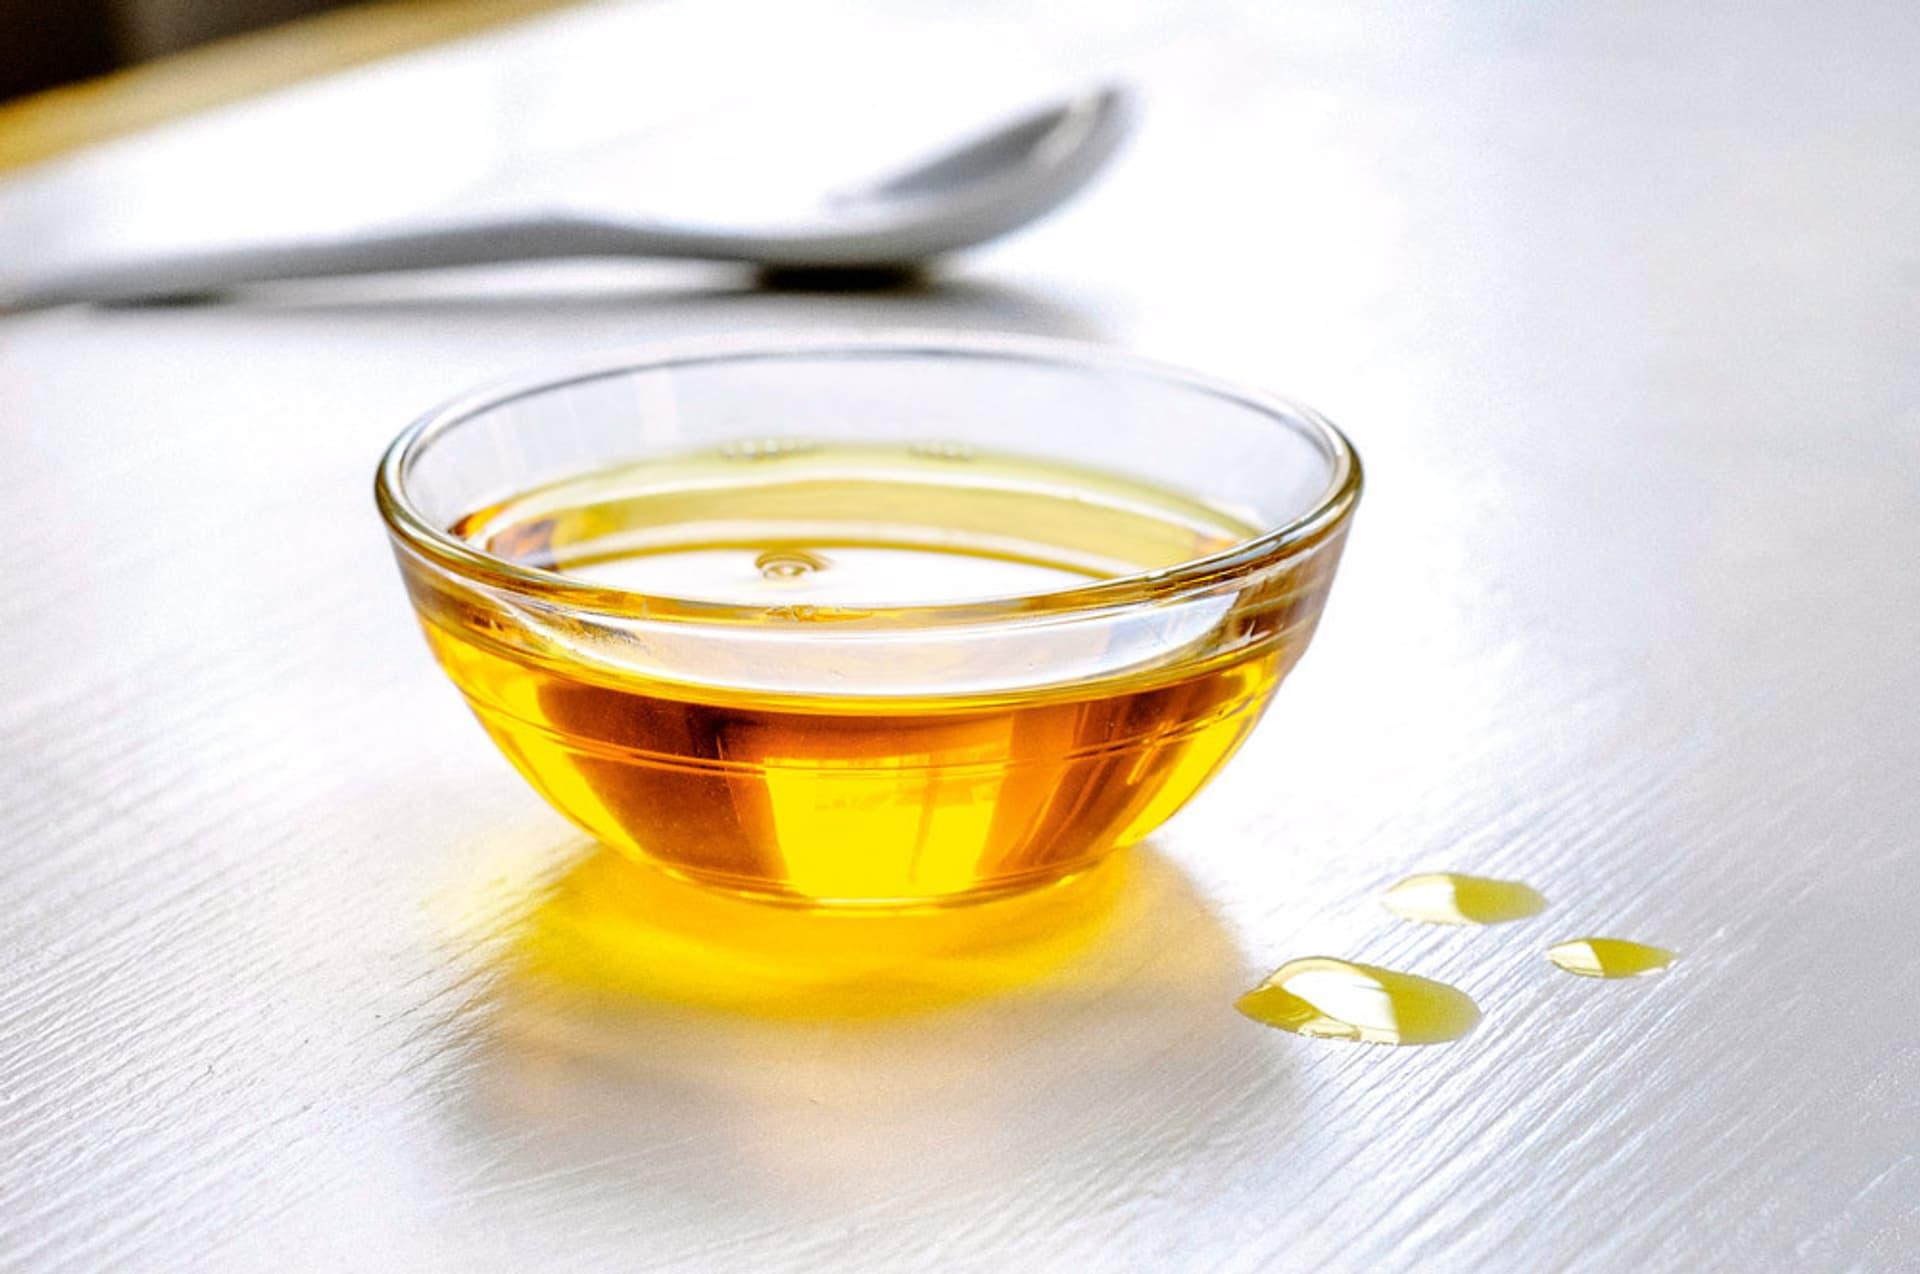 Rapsöl in einer kleinen Glasschale